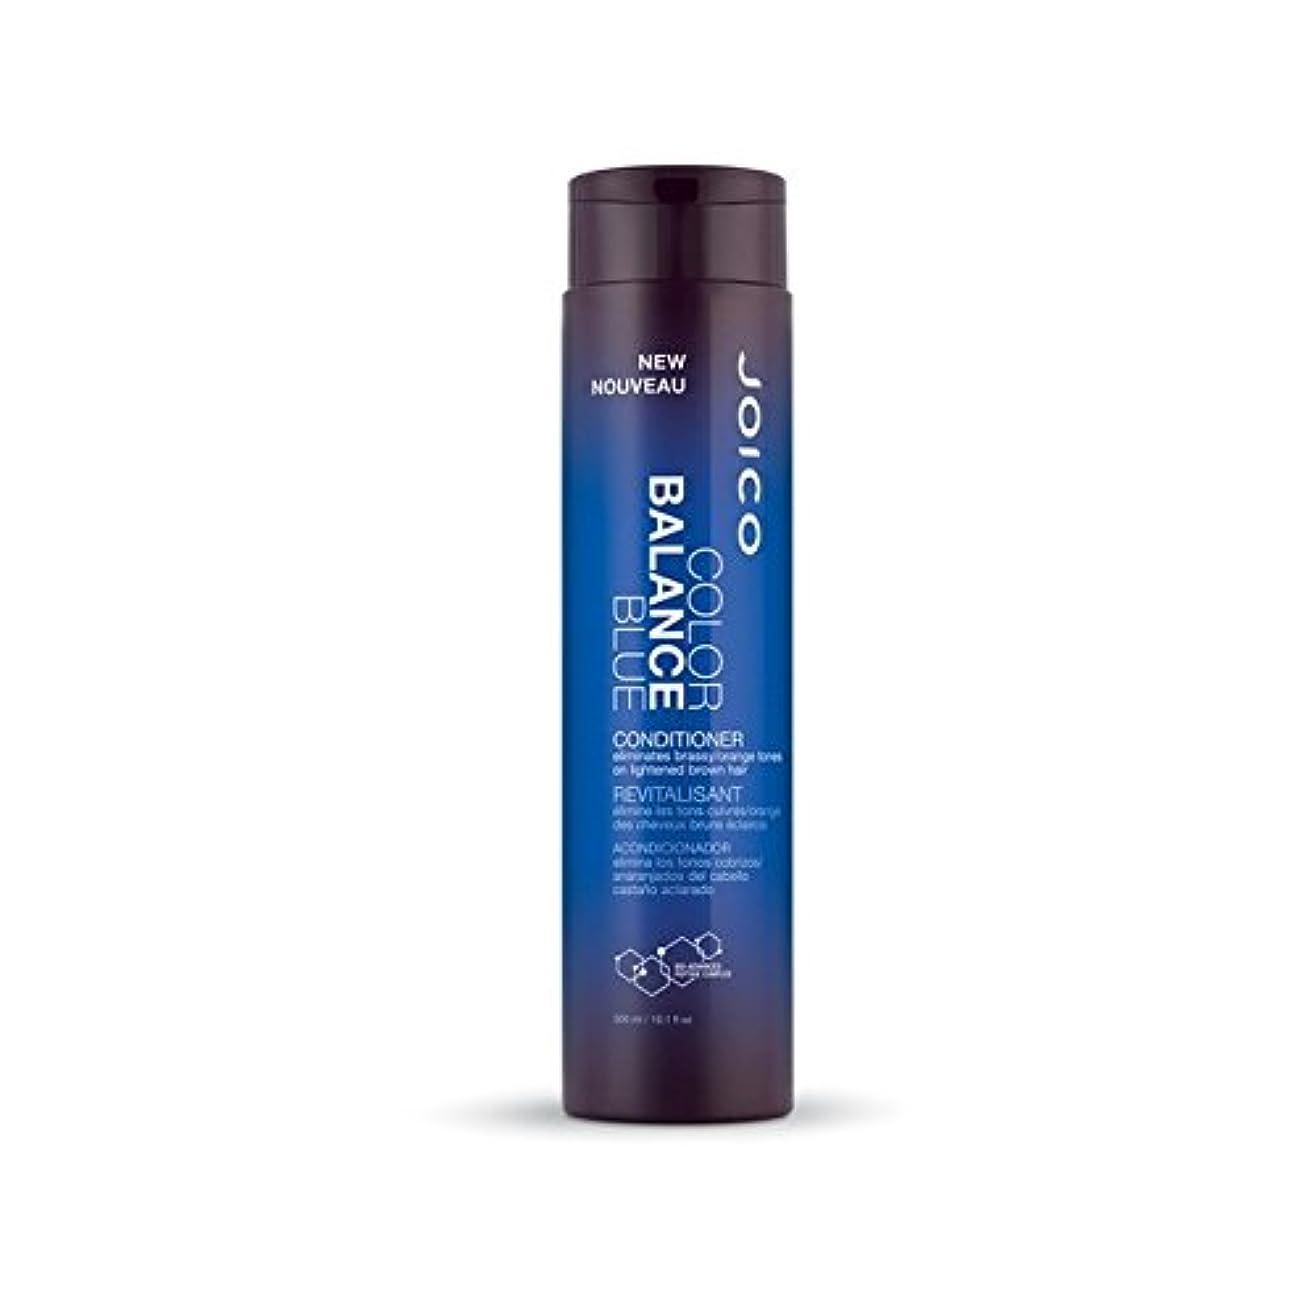 時間老朽化したまっすぐにするJoico Color Balance Blue Conditioner 300ml (Pack of 6) - ジョイコカラーバランスブルーコンディショナー300ミリリットル x6 [並行輸入品]